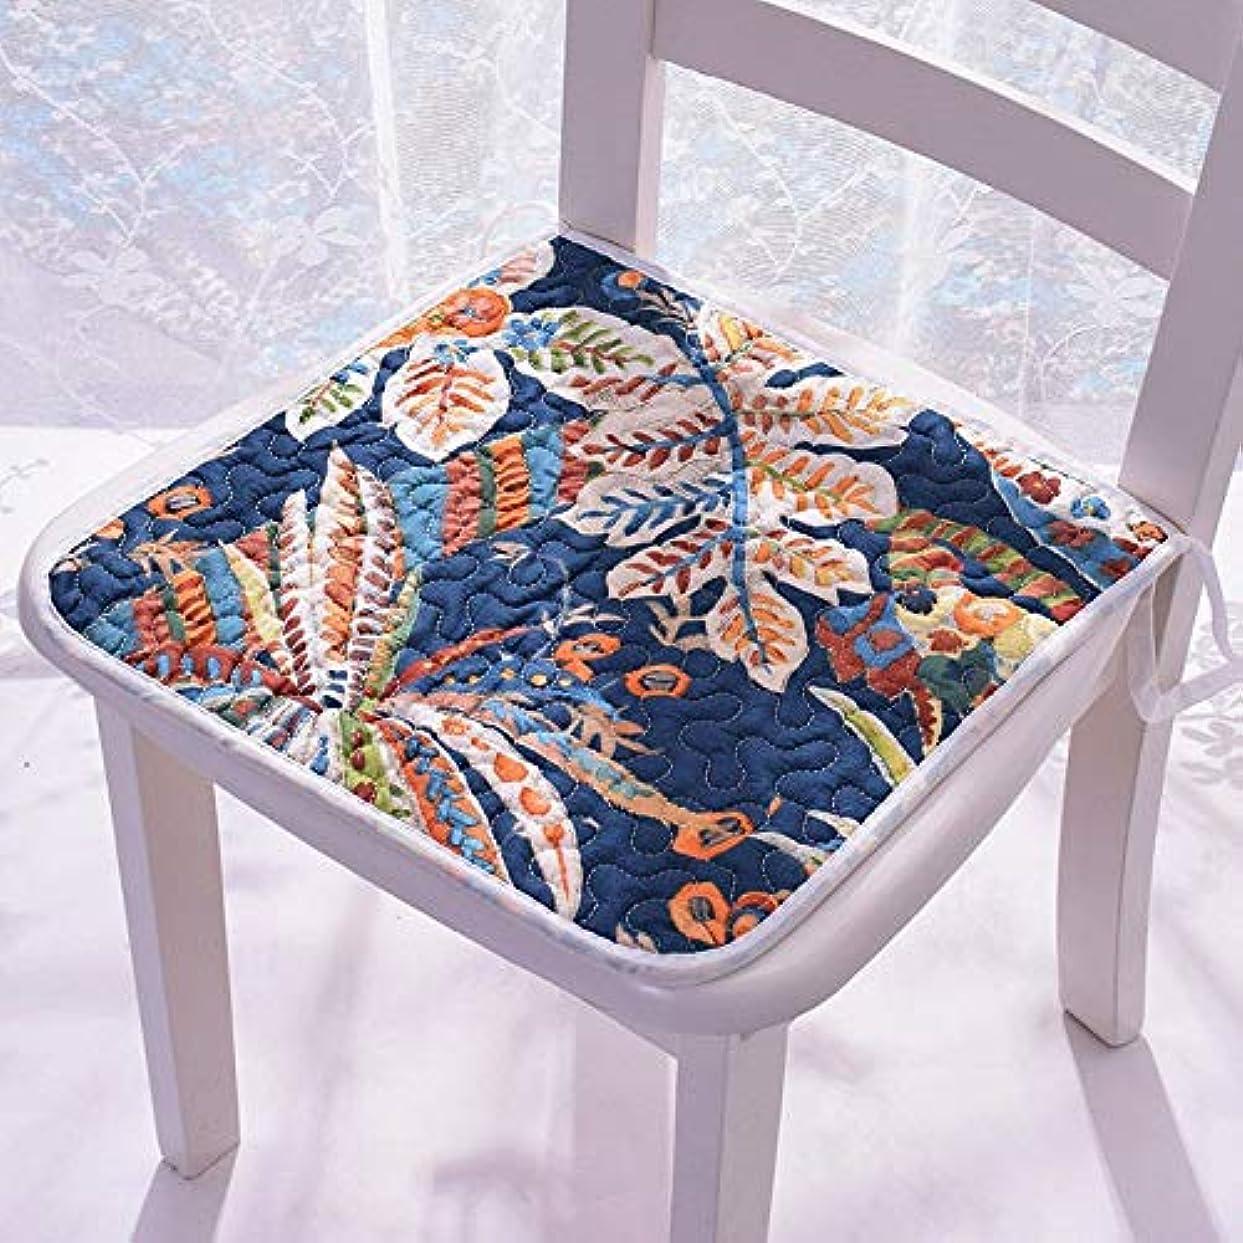 株式厳密に抑圧するLIFE 現代スーパーソフト椅子クッション非スリップシートクッションマットソファホームデコレーションバッククッションチェアパッド 40*40/45*45/50*50 センチメートル クッション 椅子